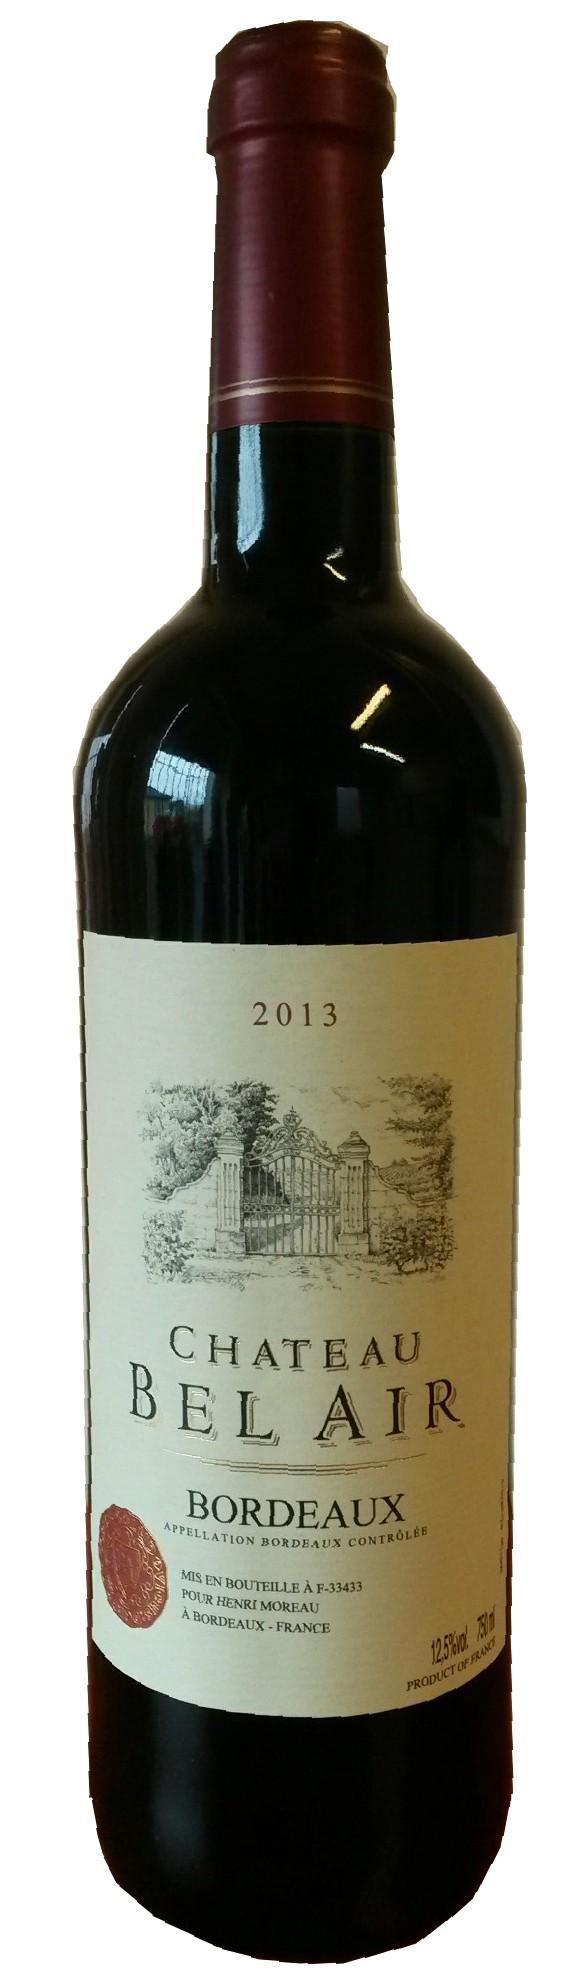 Château Bel Air 2013  - Bordeaux rouge